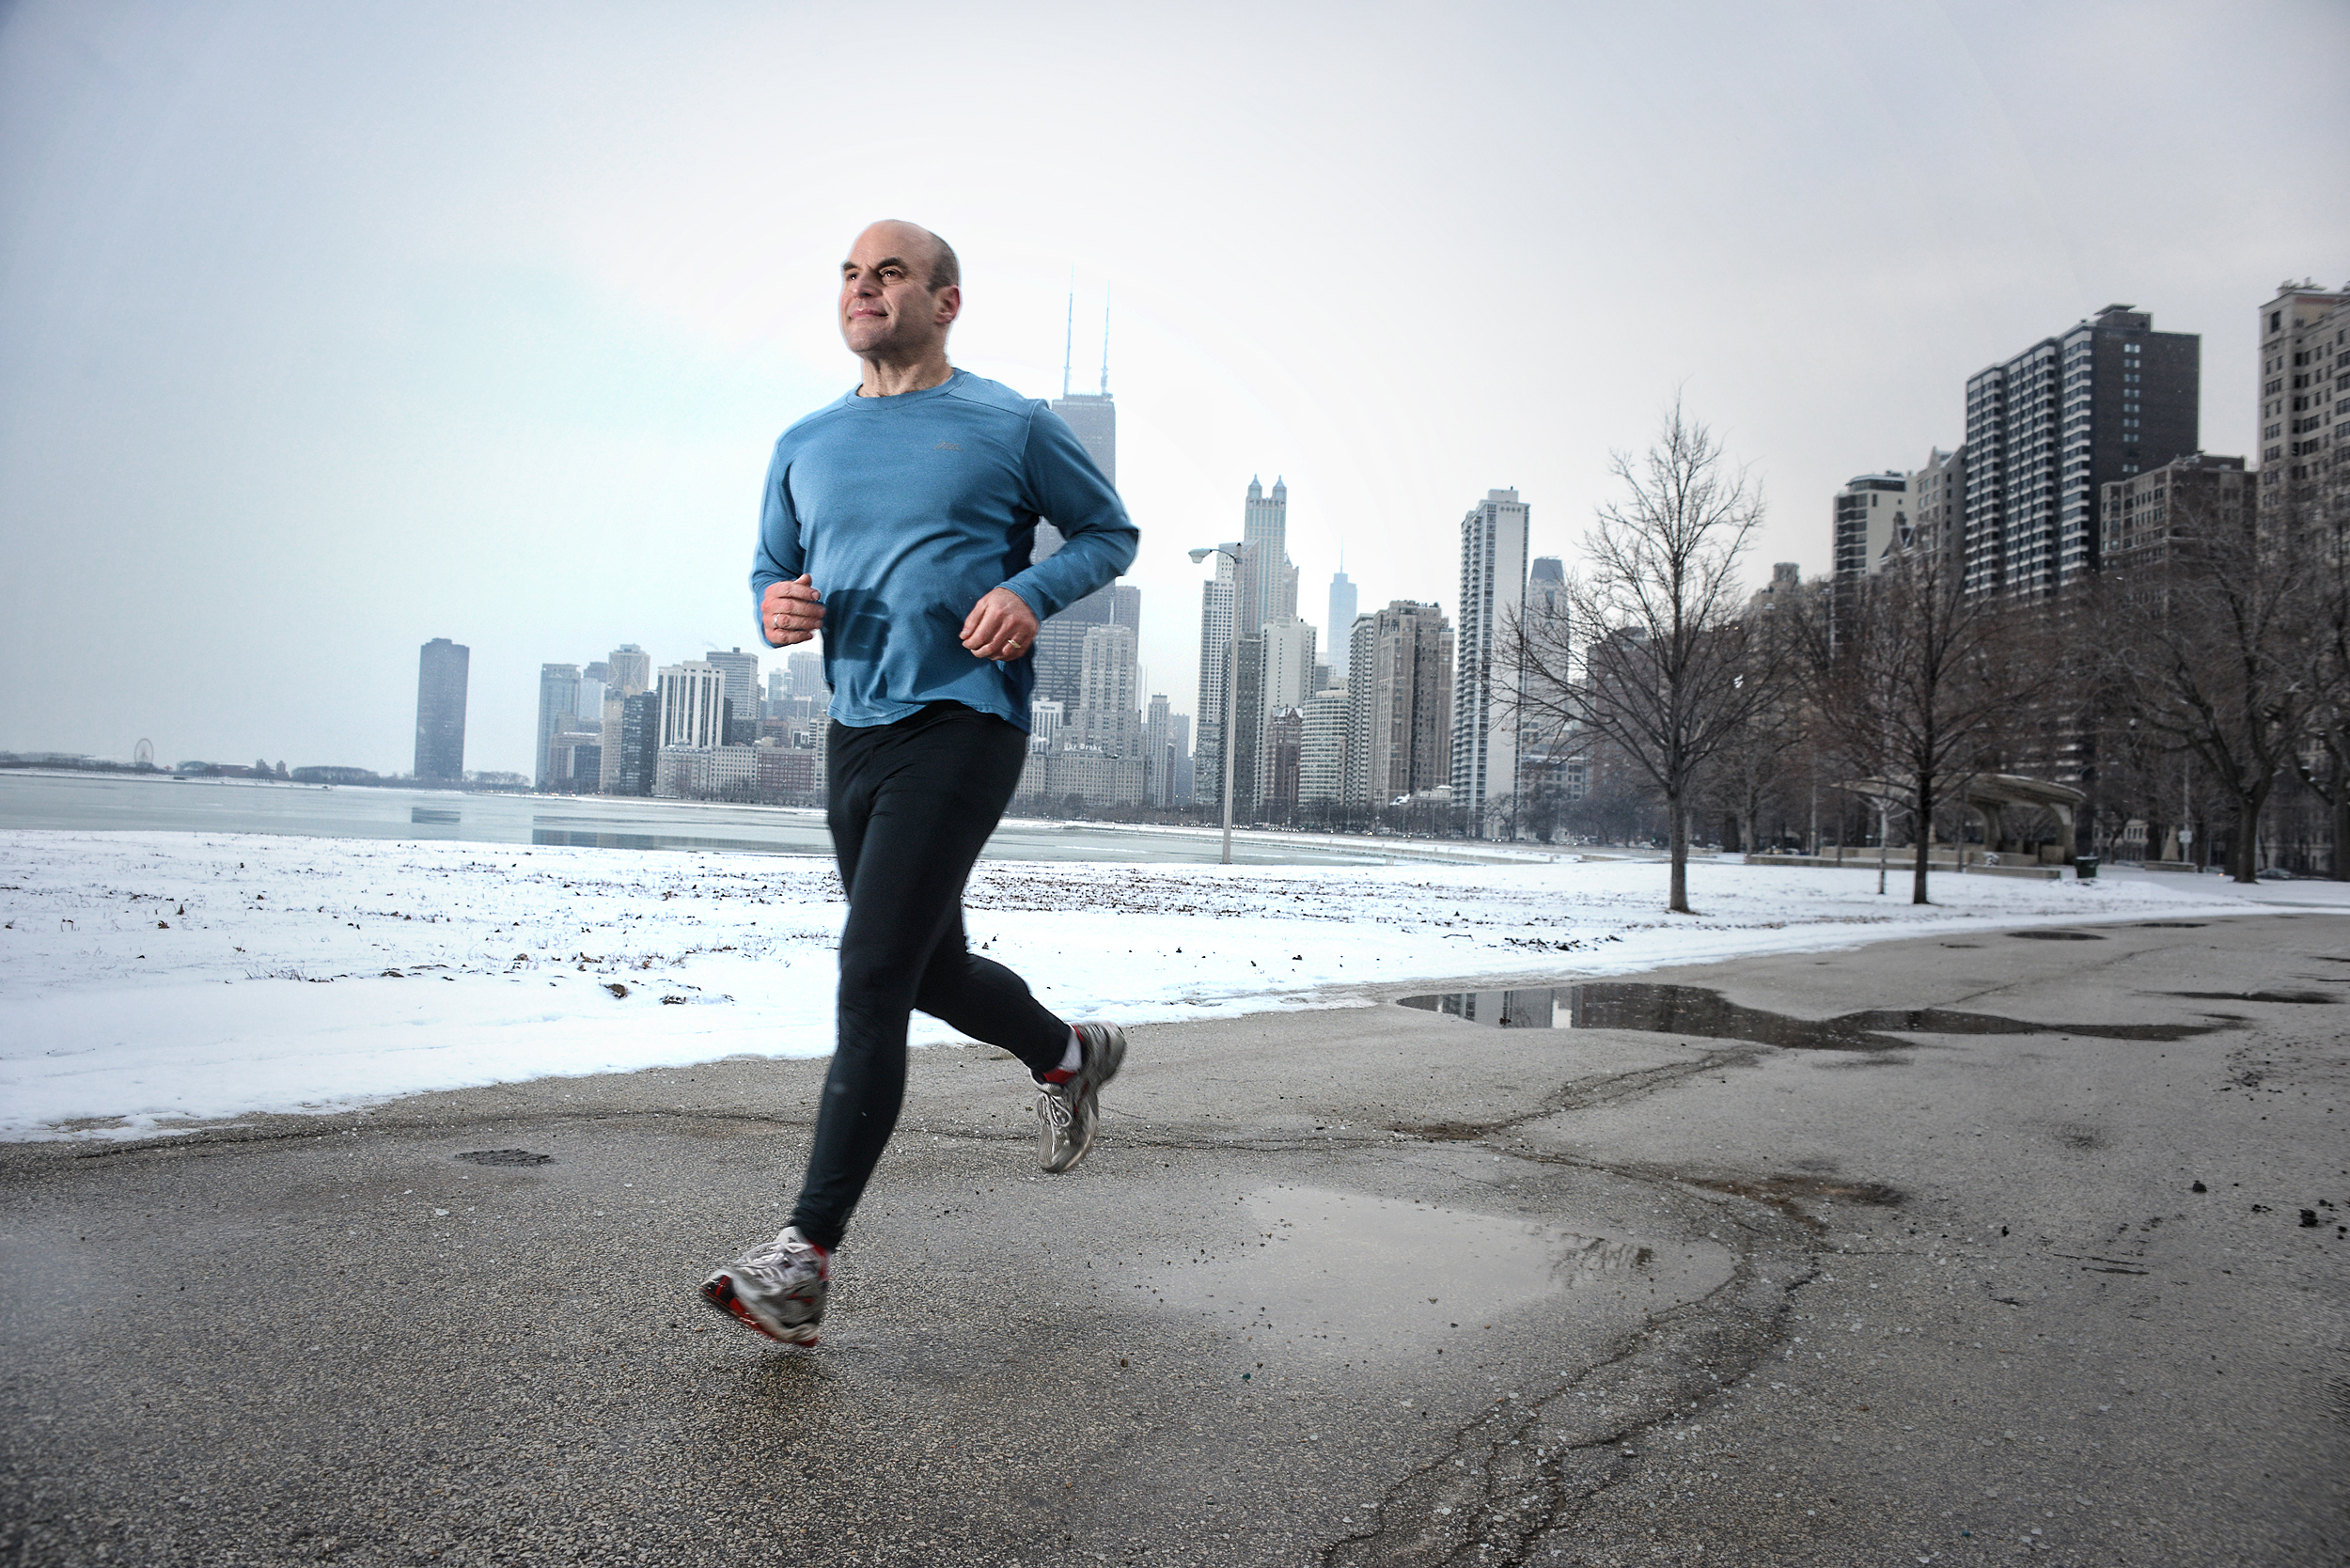 Exercícios físicos de fato protegem contra doenças neurodegenerativas